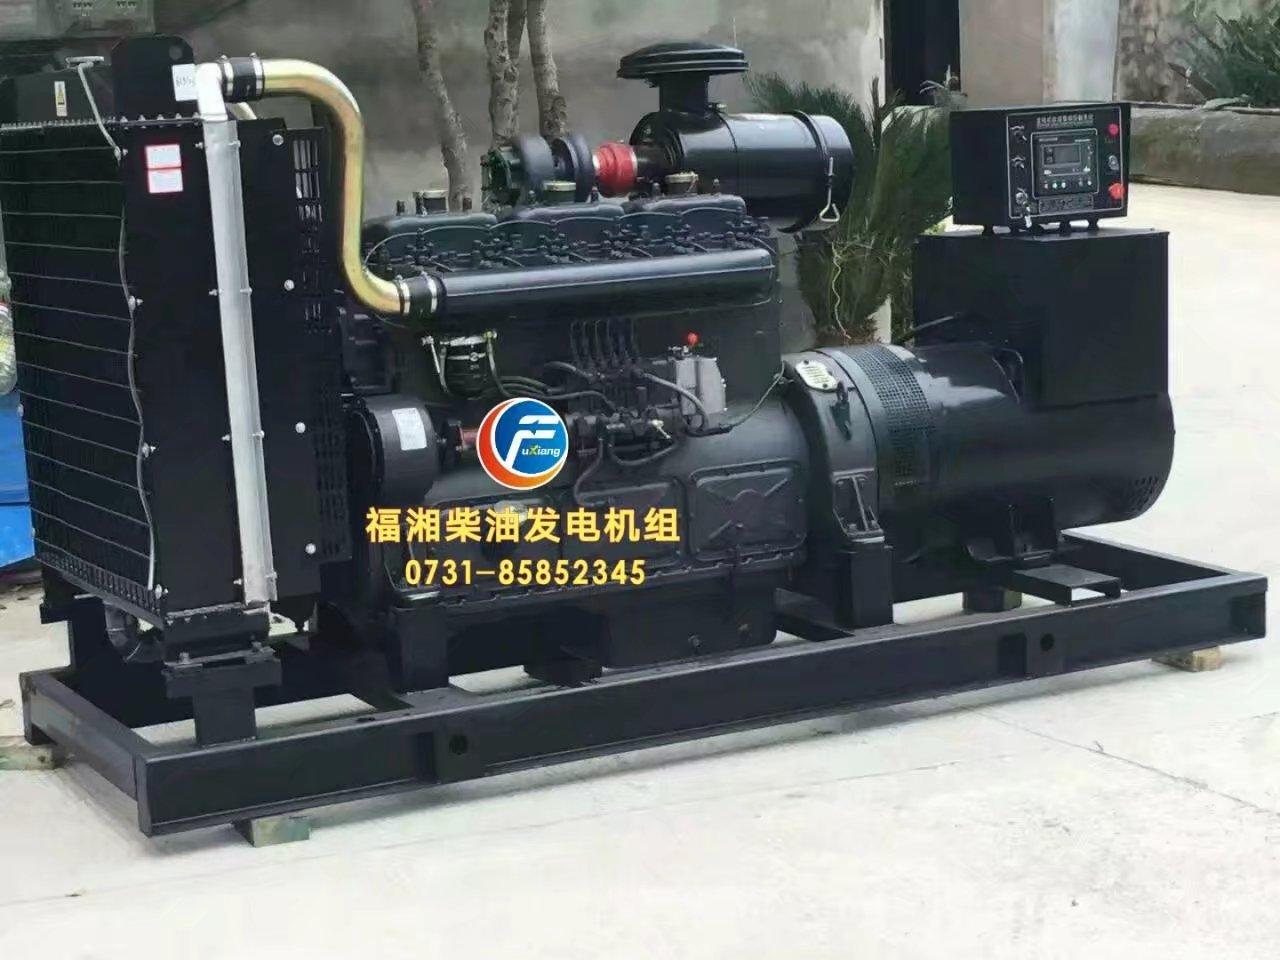 供销湖南潍柴动力柴油发电机组 供应福湘发电机耐用的湖南潍柴动力柴油发电机组